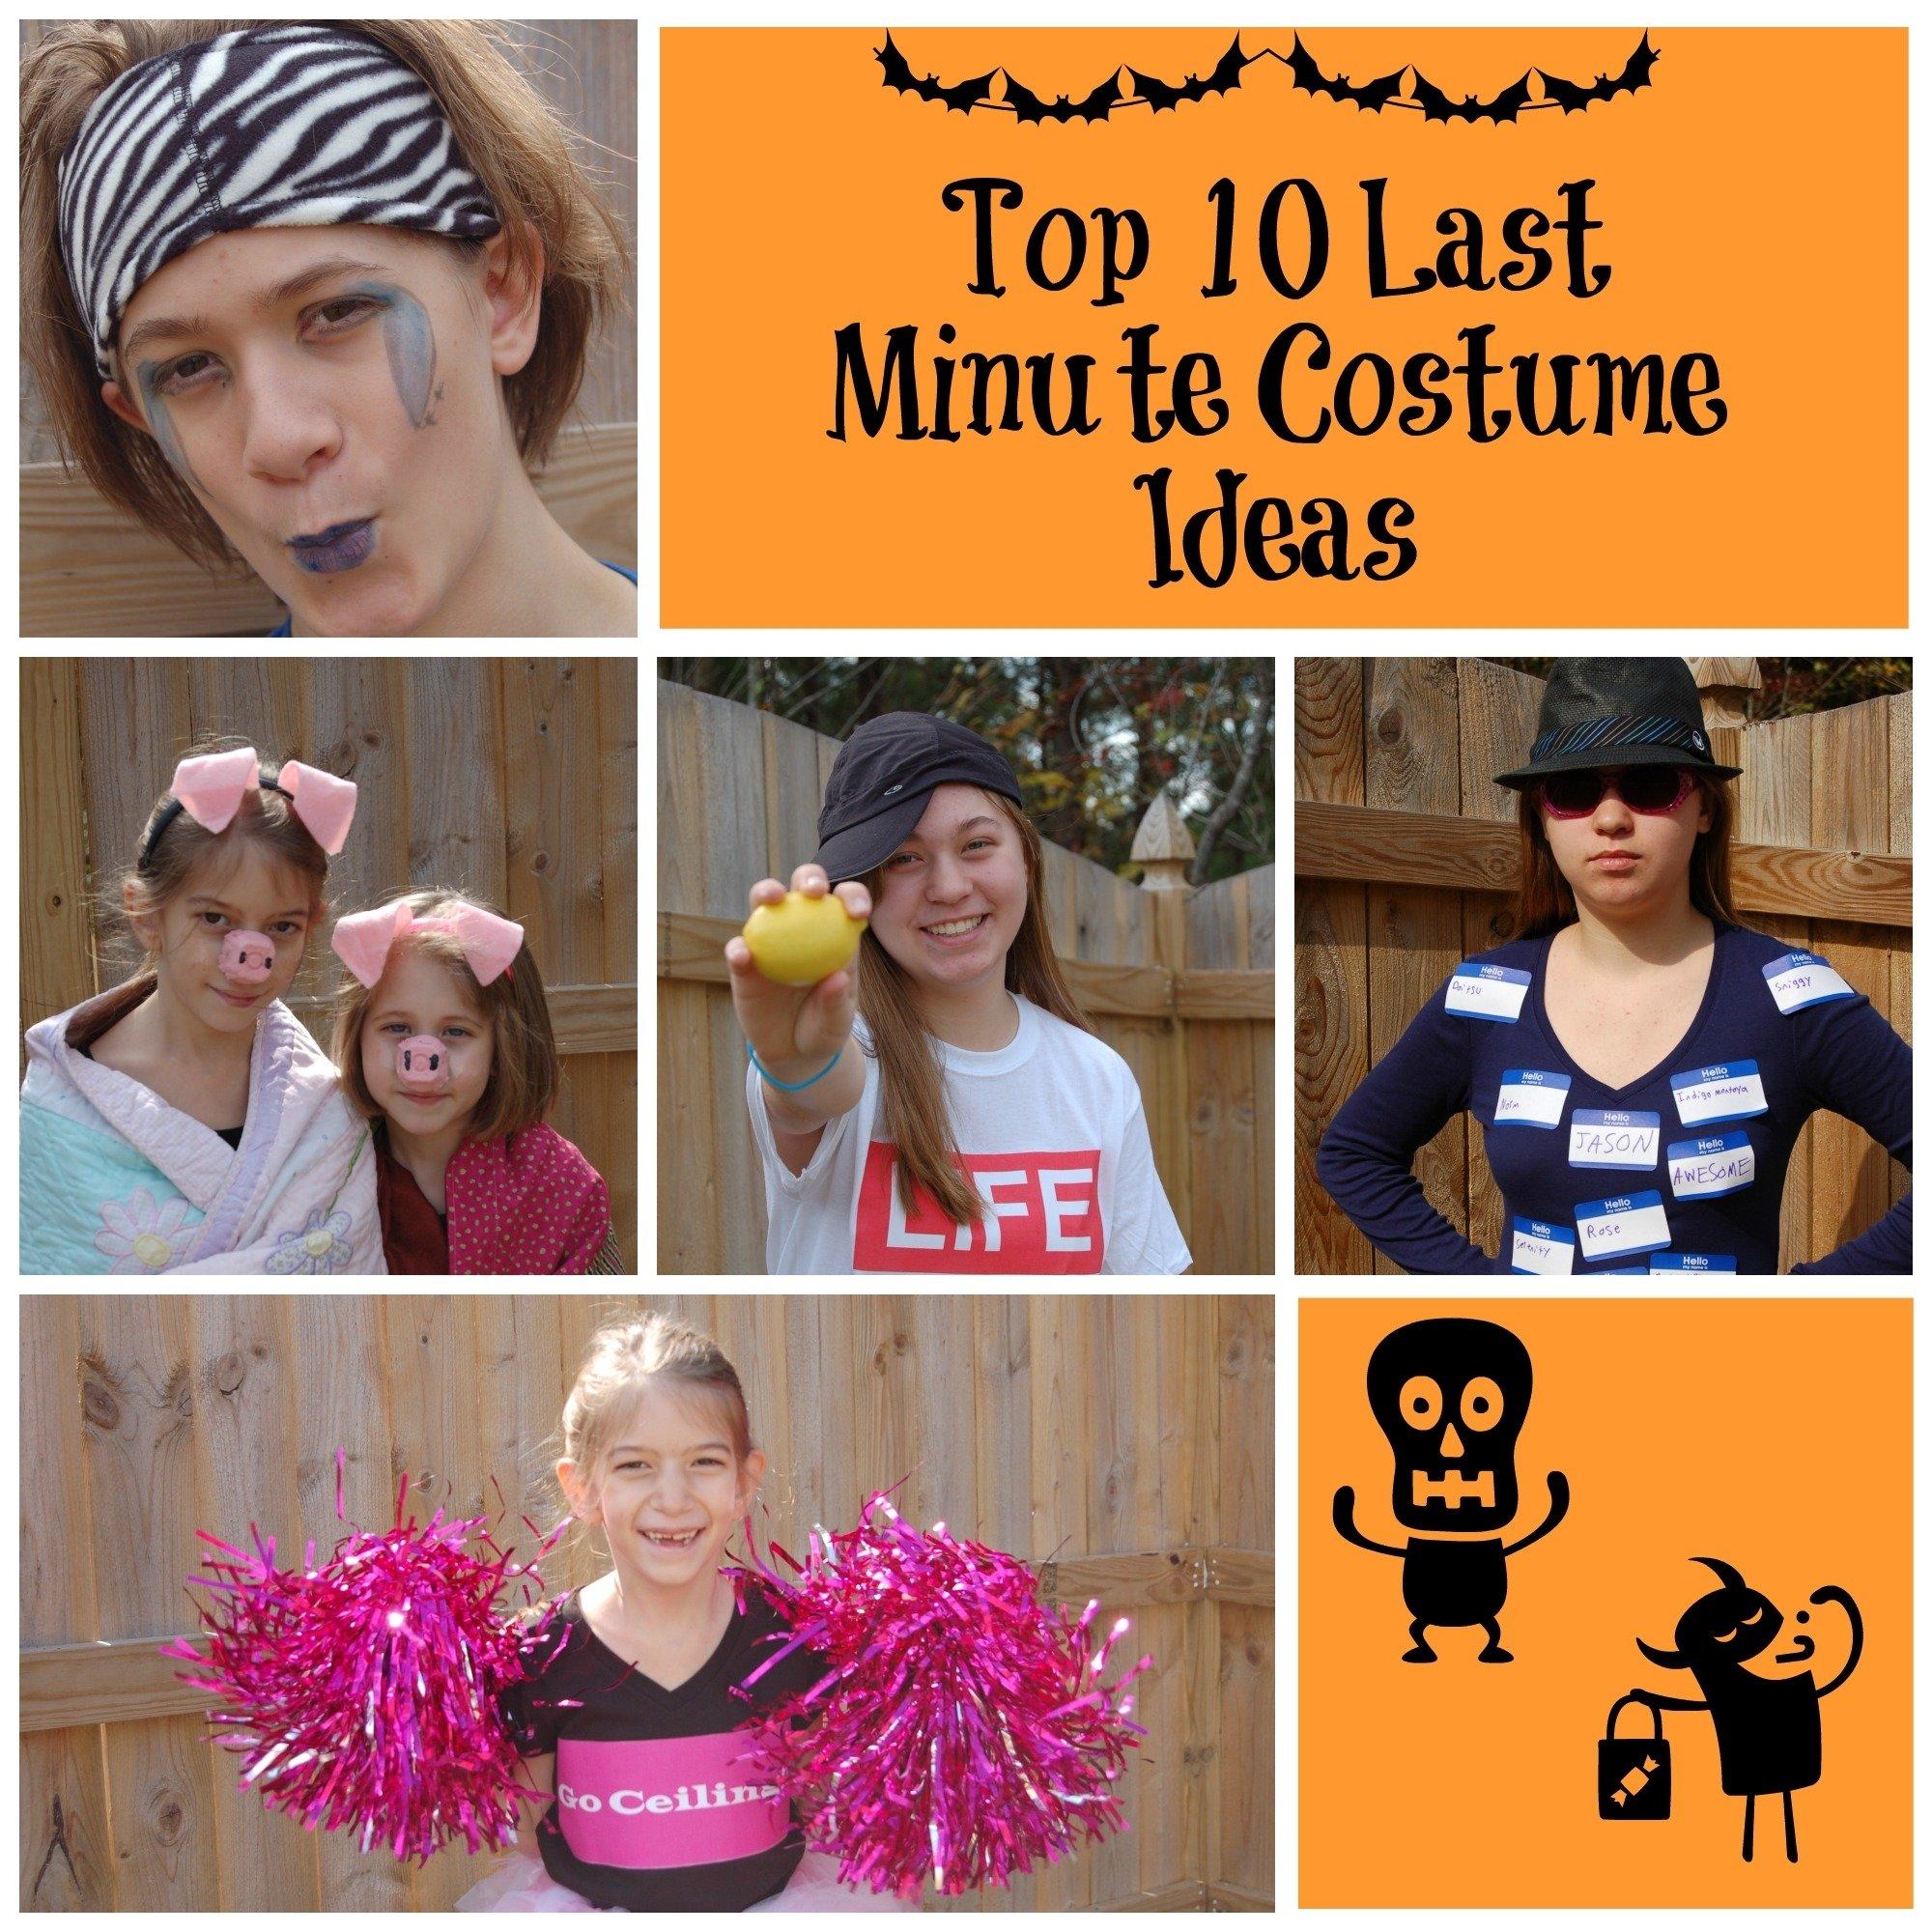 10 Best Easy Last Minute Costume Ideas top 10 last minute costume ideas almost supermom 3 2020